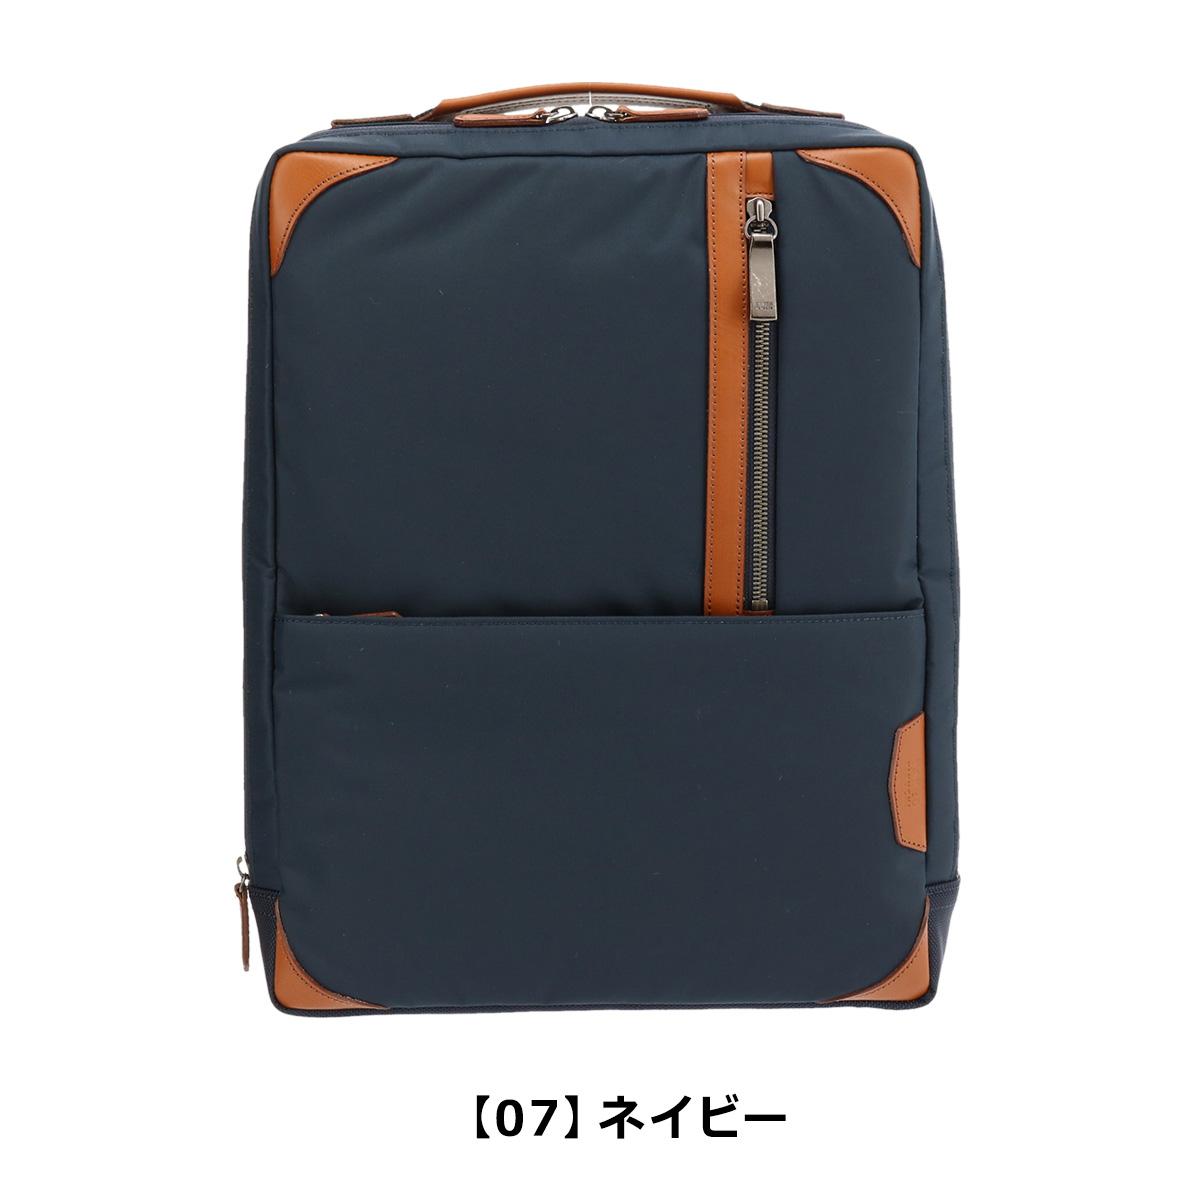 タケオキクチ TAKEO KIKUCHI リュック 711731 Lloid's ロイズリュックサック ビジネスバッグ メンズbefPO55Lq4ARj3